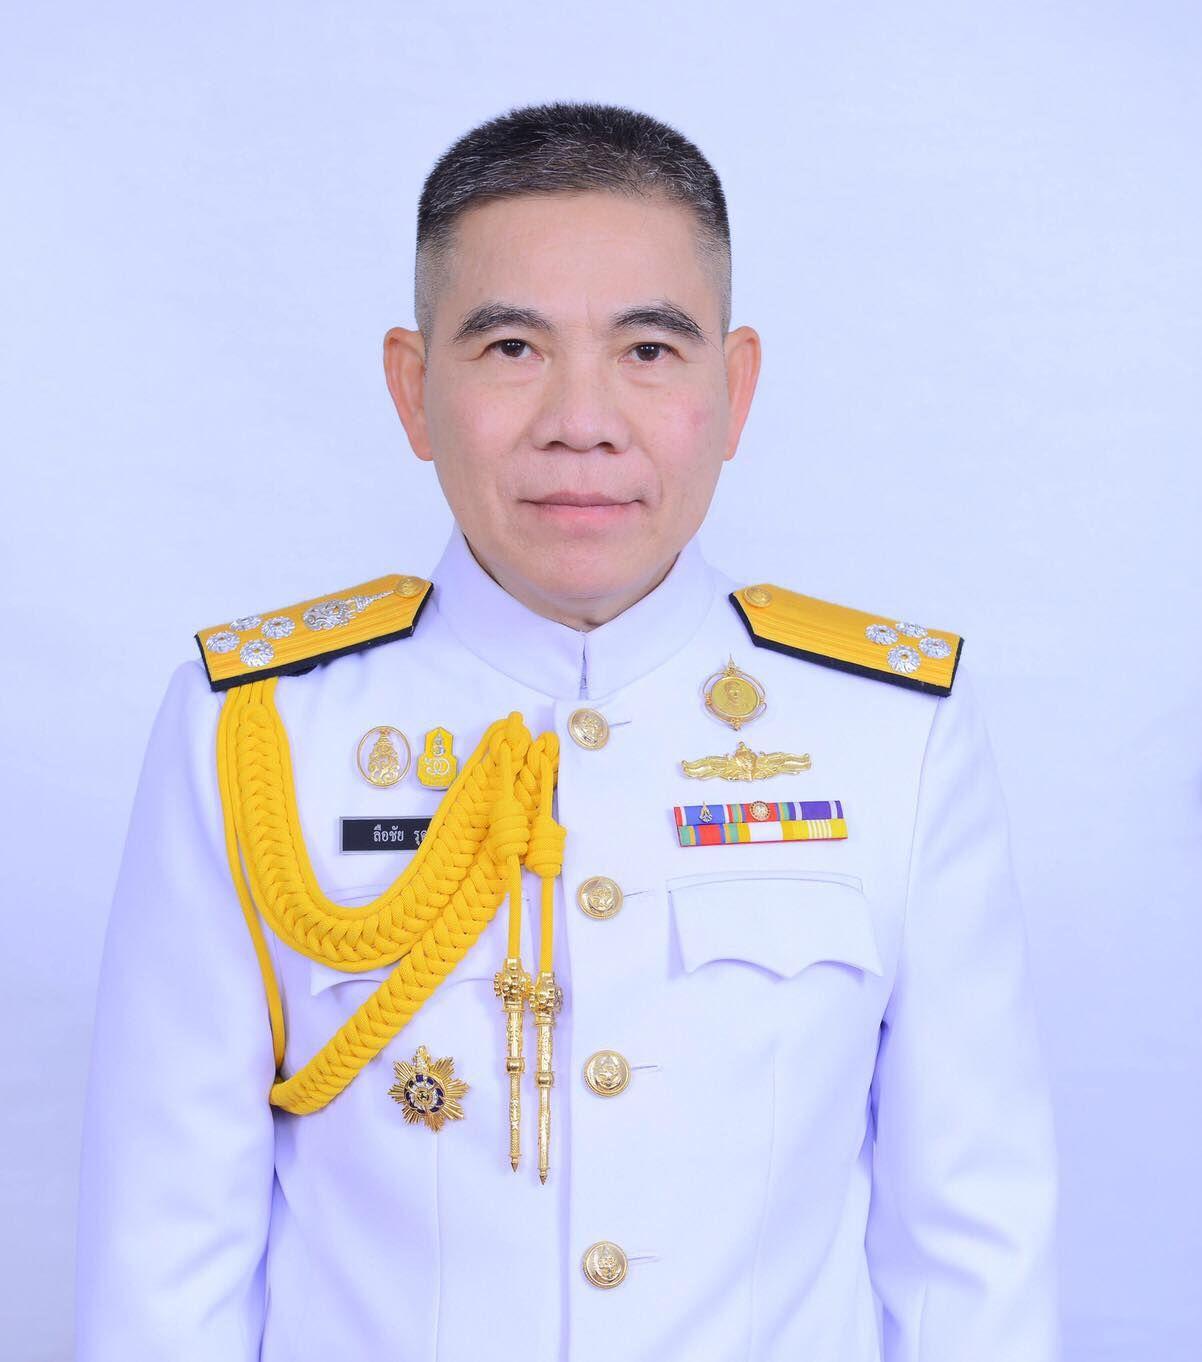 ลือชัย รุดดิษฐ์ ผู้บัญชาการทหารเรือ 55261104128_n.jpg